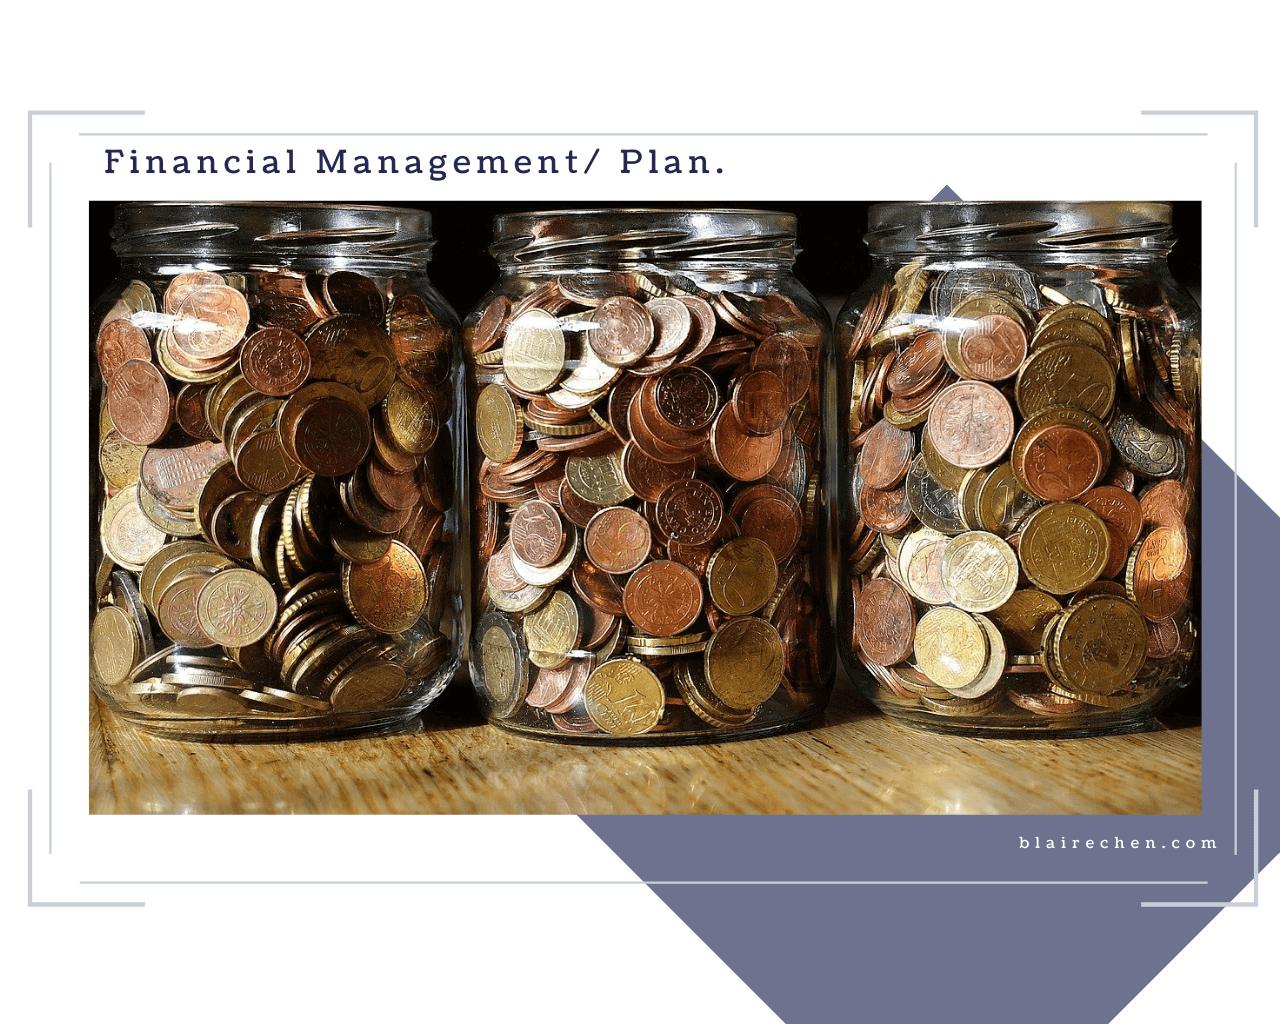 準備好迎接新的一年了嗎?預算制、隱形帳戶,5 個方法讓你做好新年理財計劃!